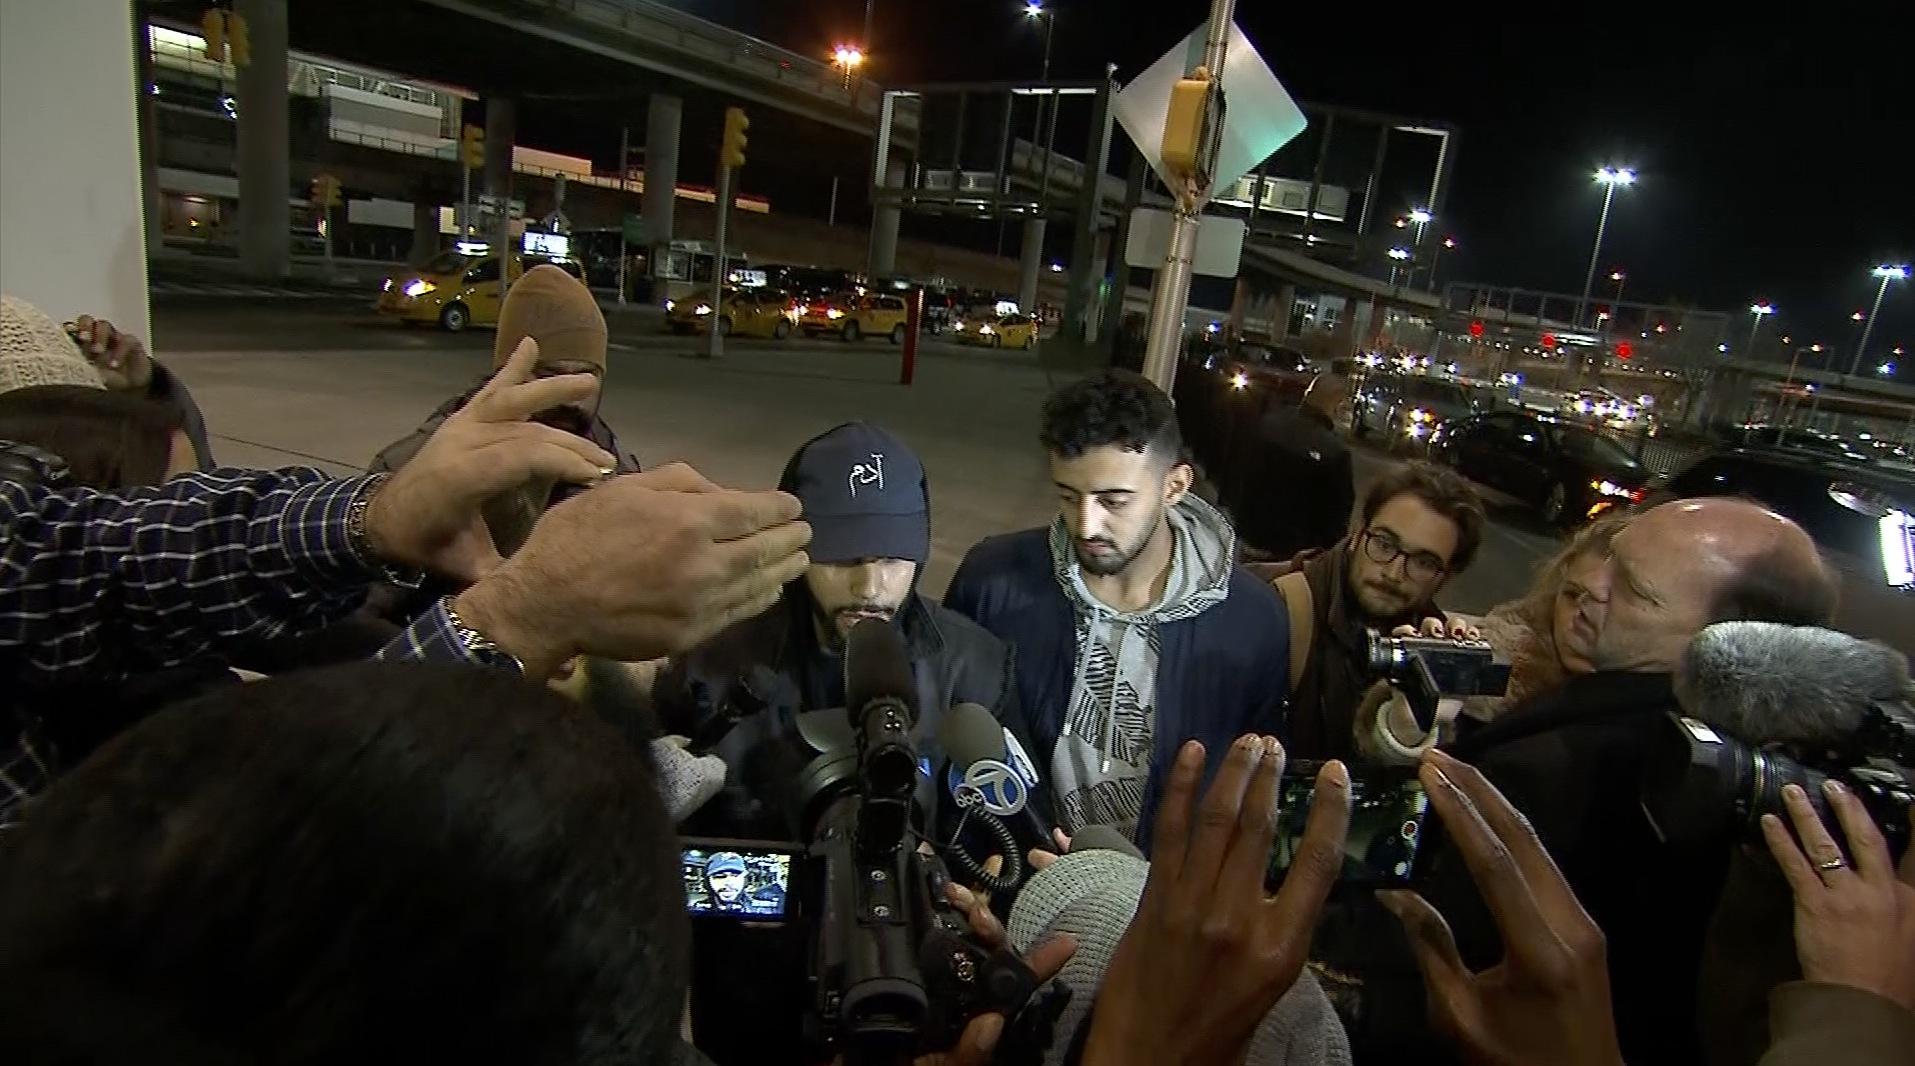 نجم يوتيوب مسلم لـCNN: طردوني من طائرة لتحدثي بالعربية - CNNArabic.com